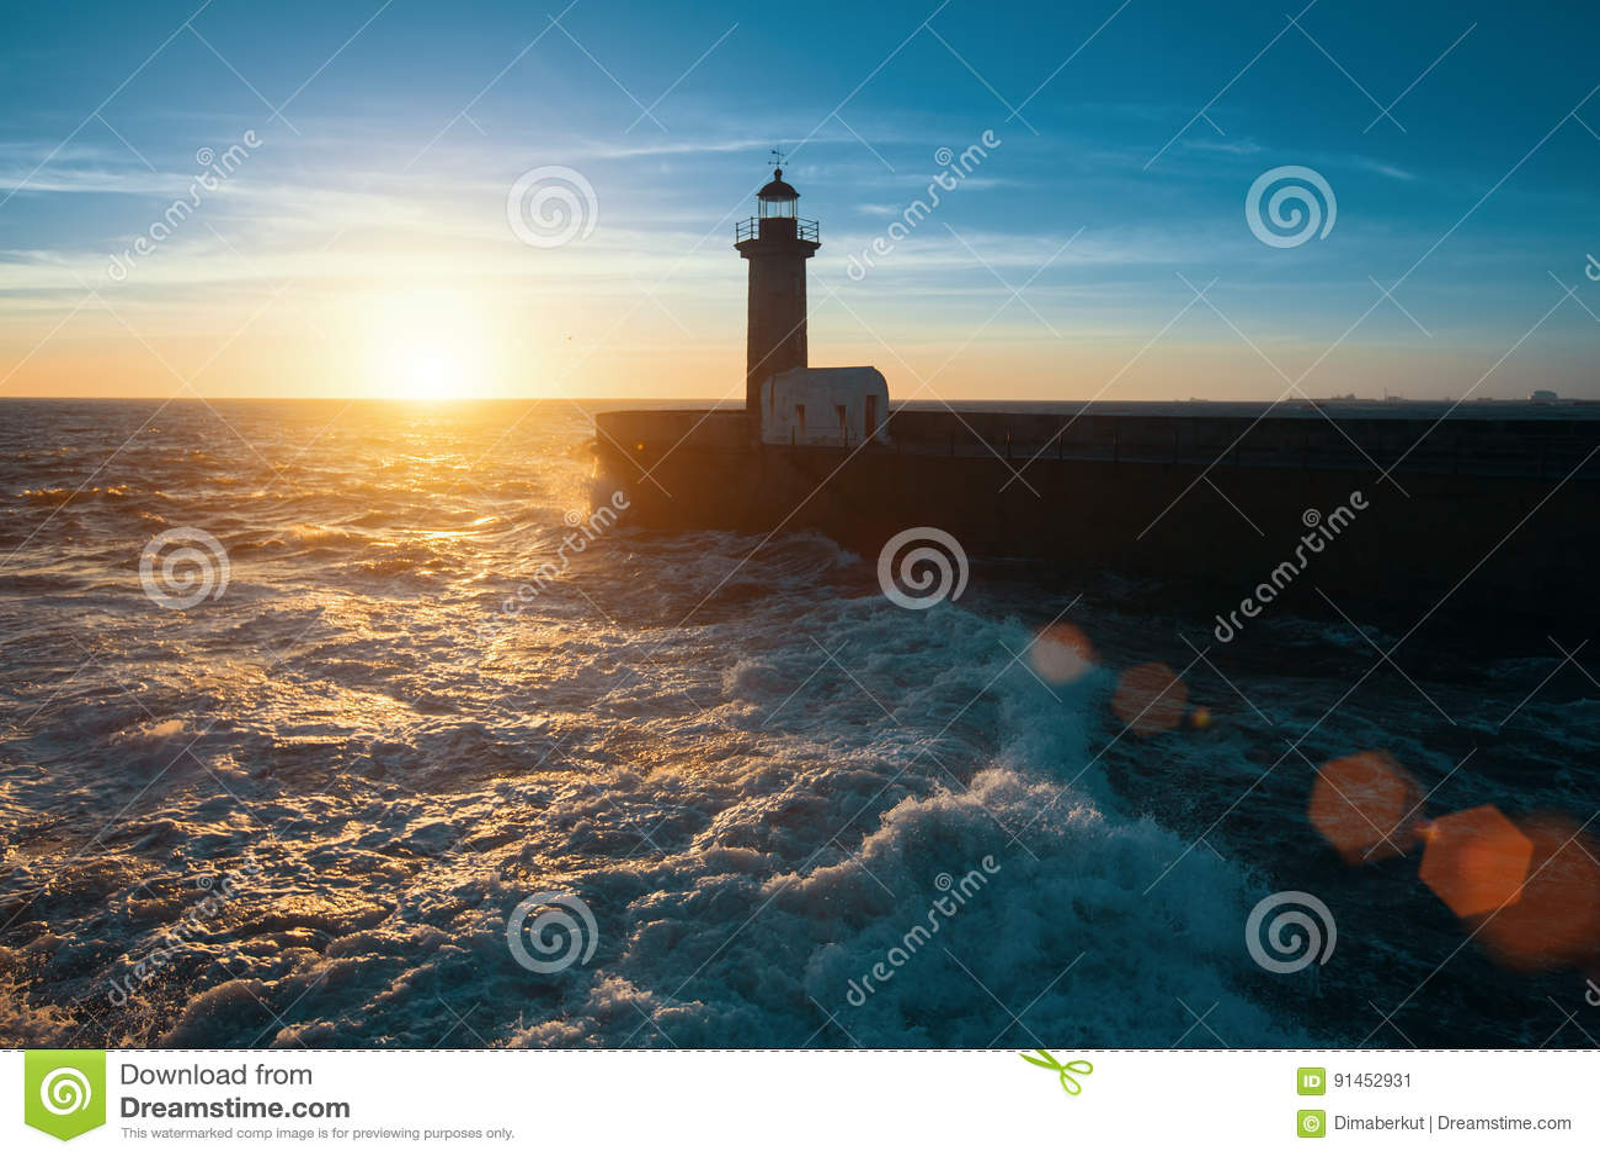 Прибой океана на атлантическом побережье, около маяка во время красивого захода солнца, Порту